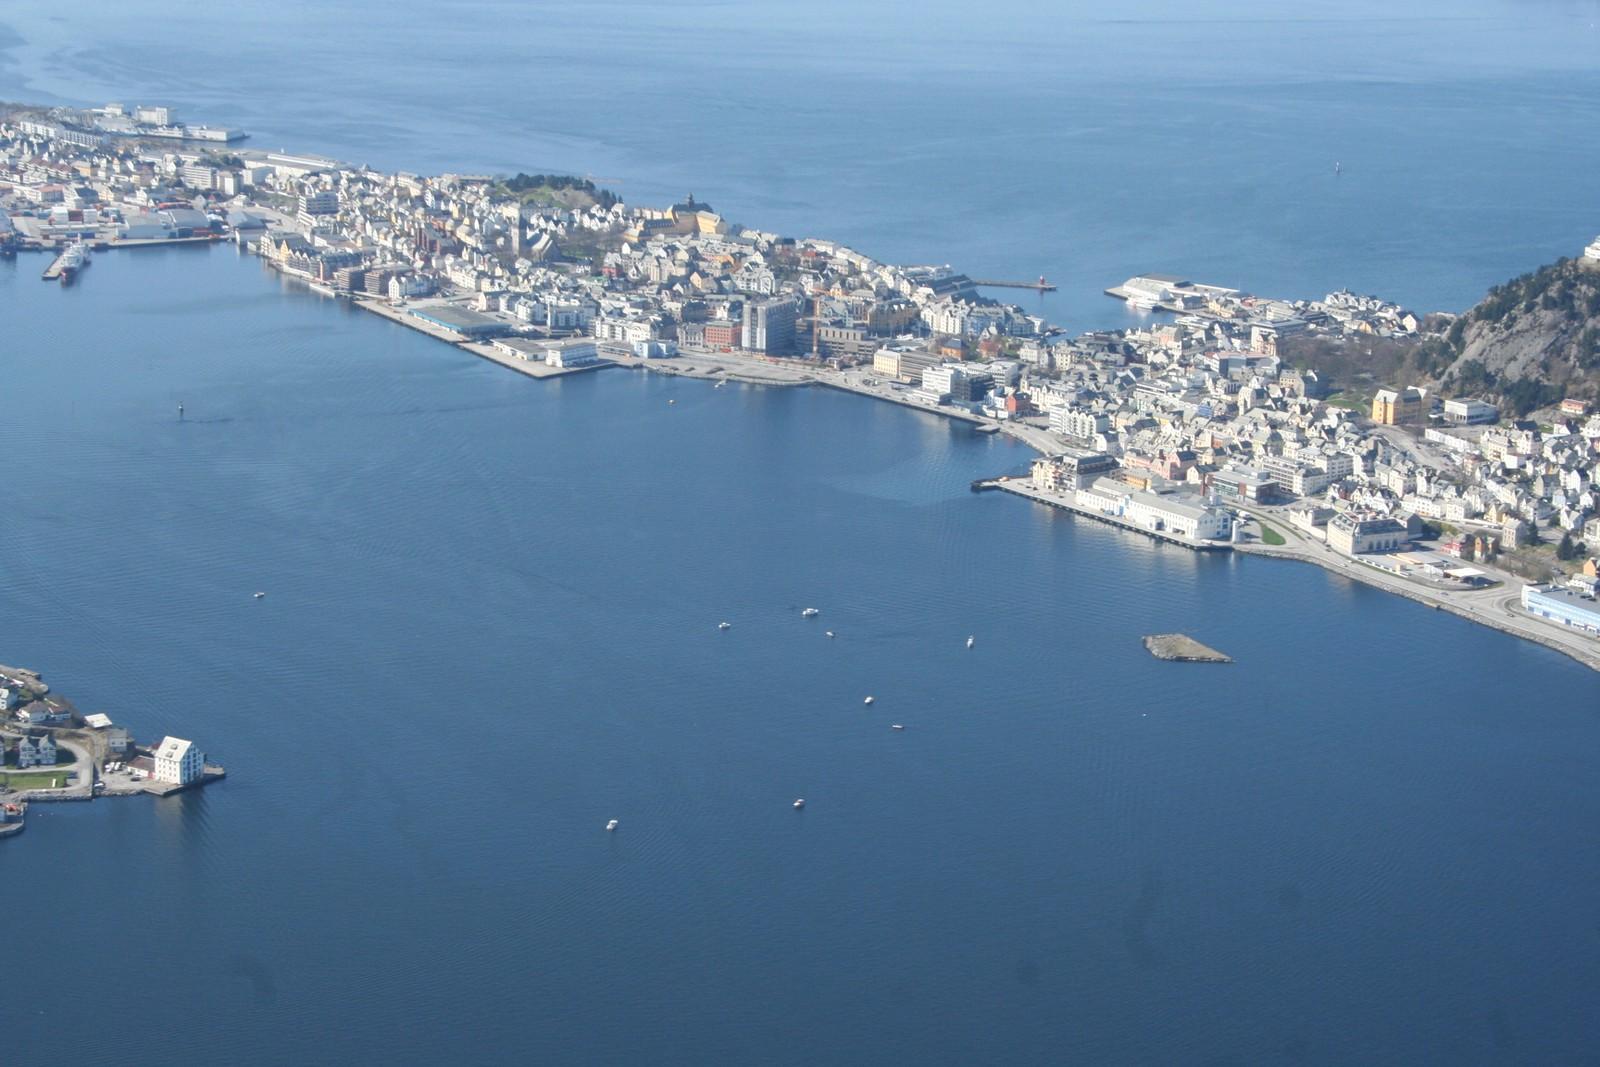 Ålesund er 3. mest søkte feriedestinasjon for turister fra Europa, Midtøsten, Afrika og Nord-Amerika, ifølge en søkerstatistikk fra Hotels.com.